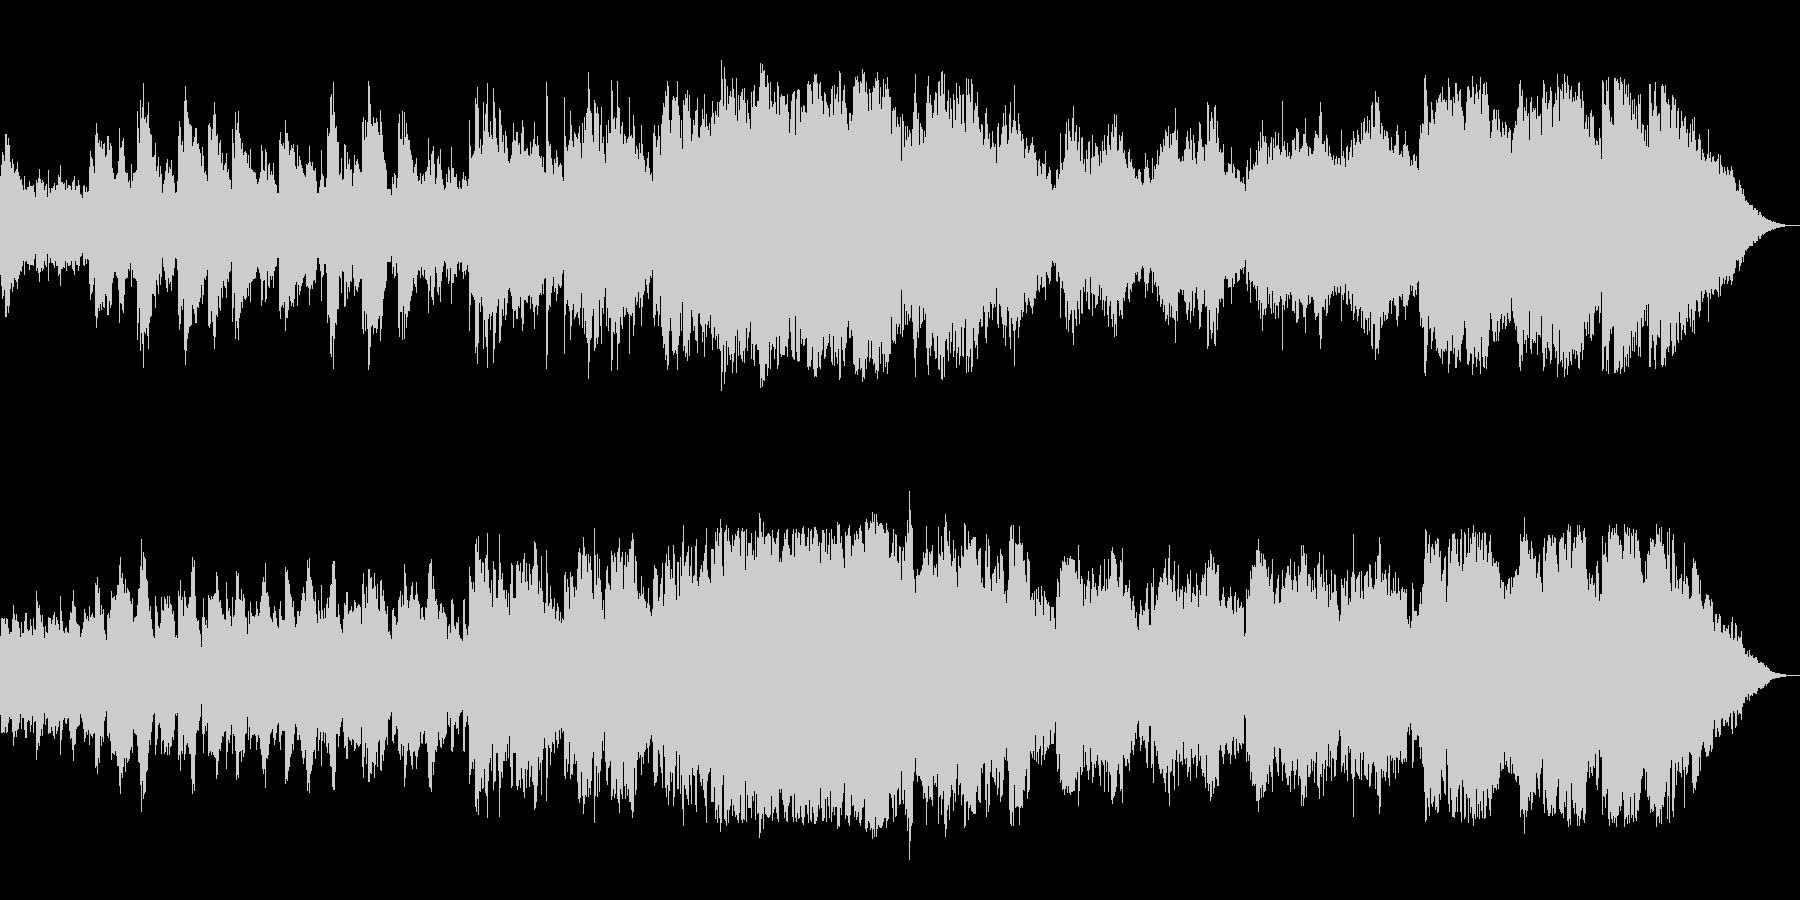 優しく温もりのあるメロディのピアノ曲の未再生の波形